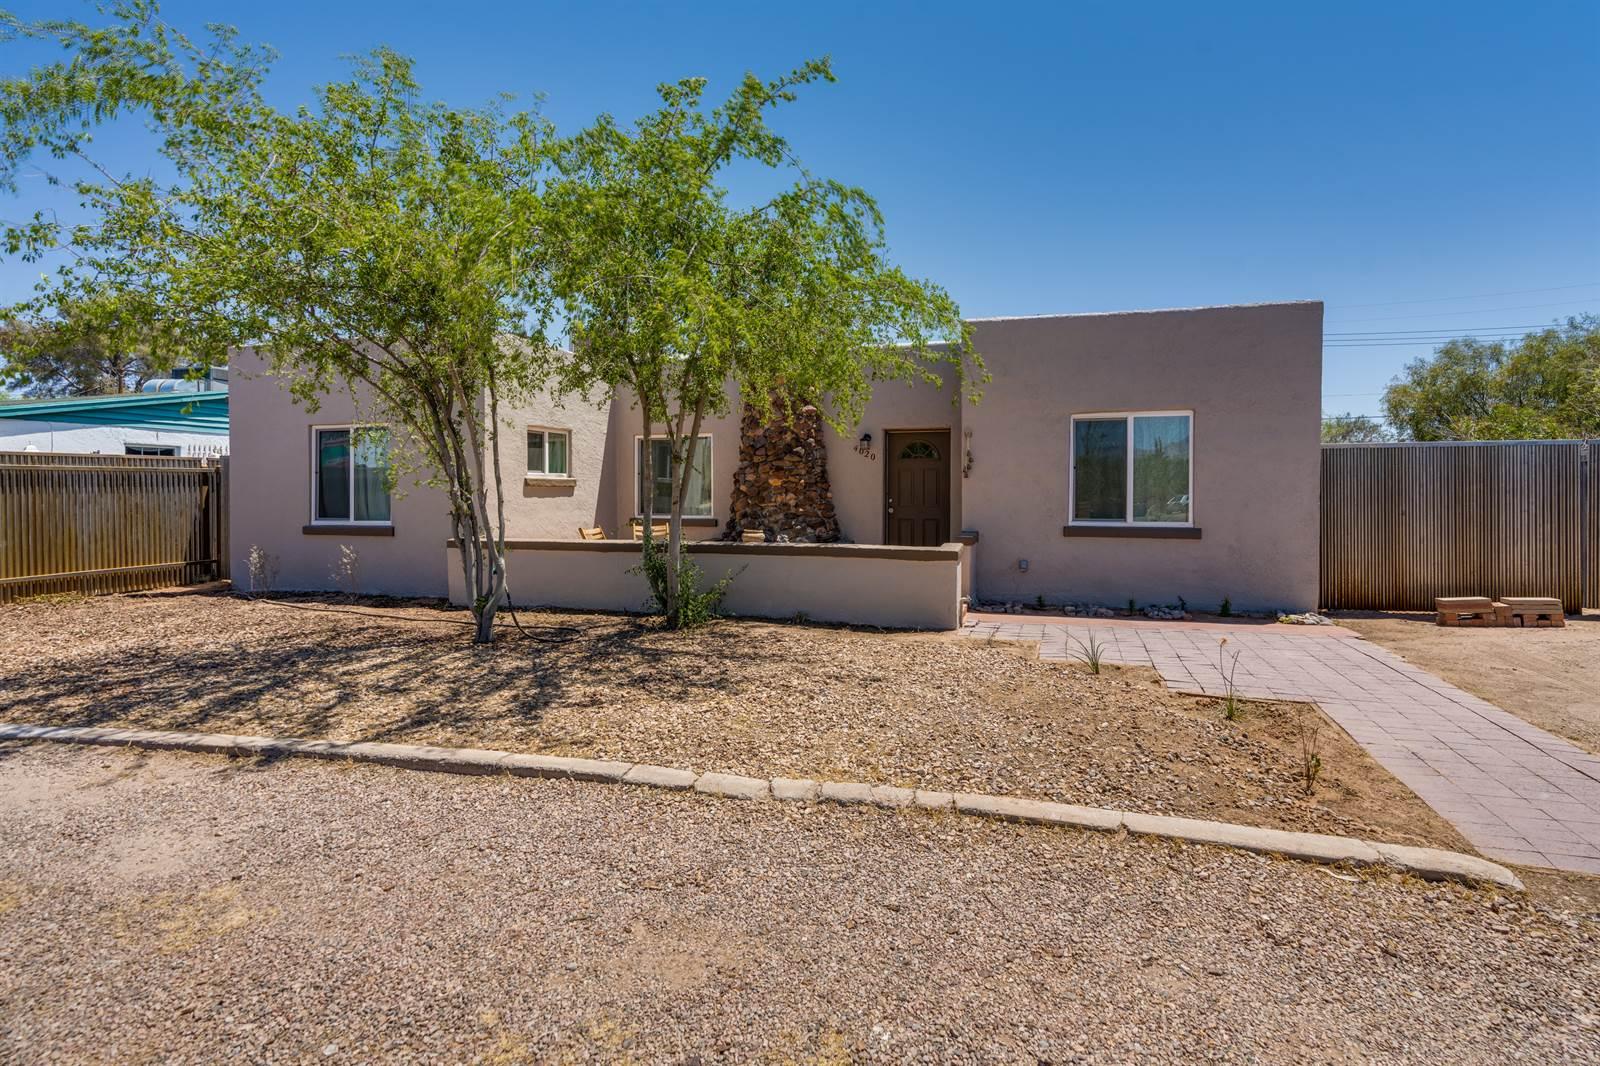 4020 E Montecito St, Tucson, AZ 85711